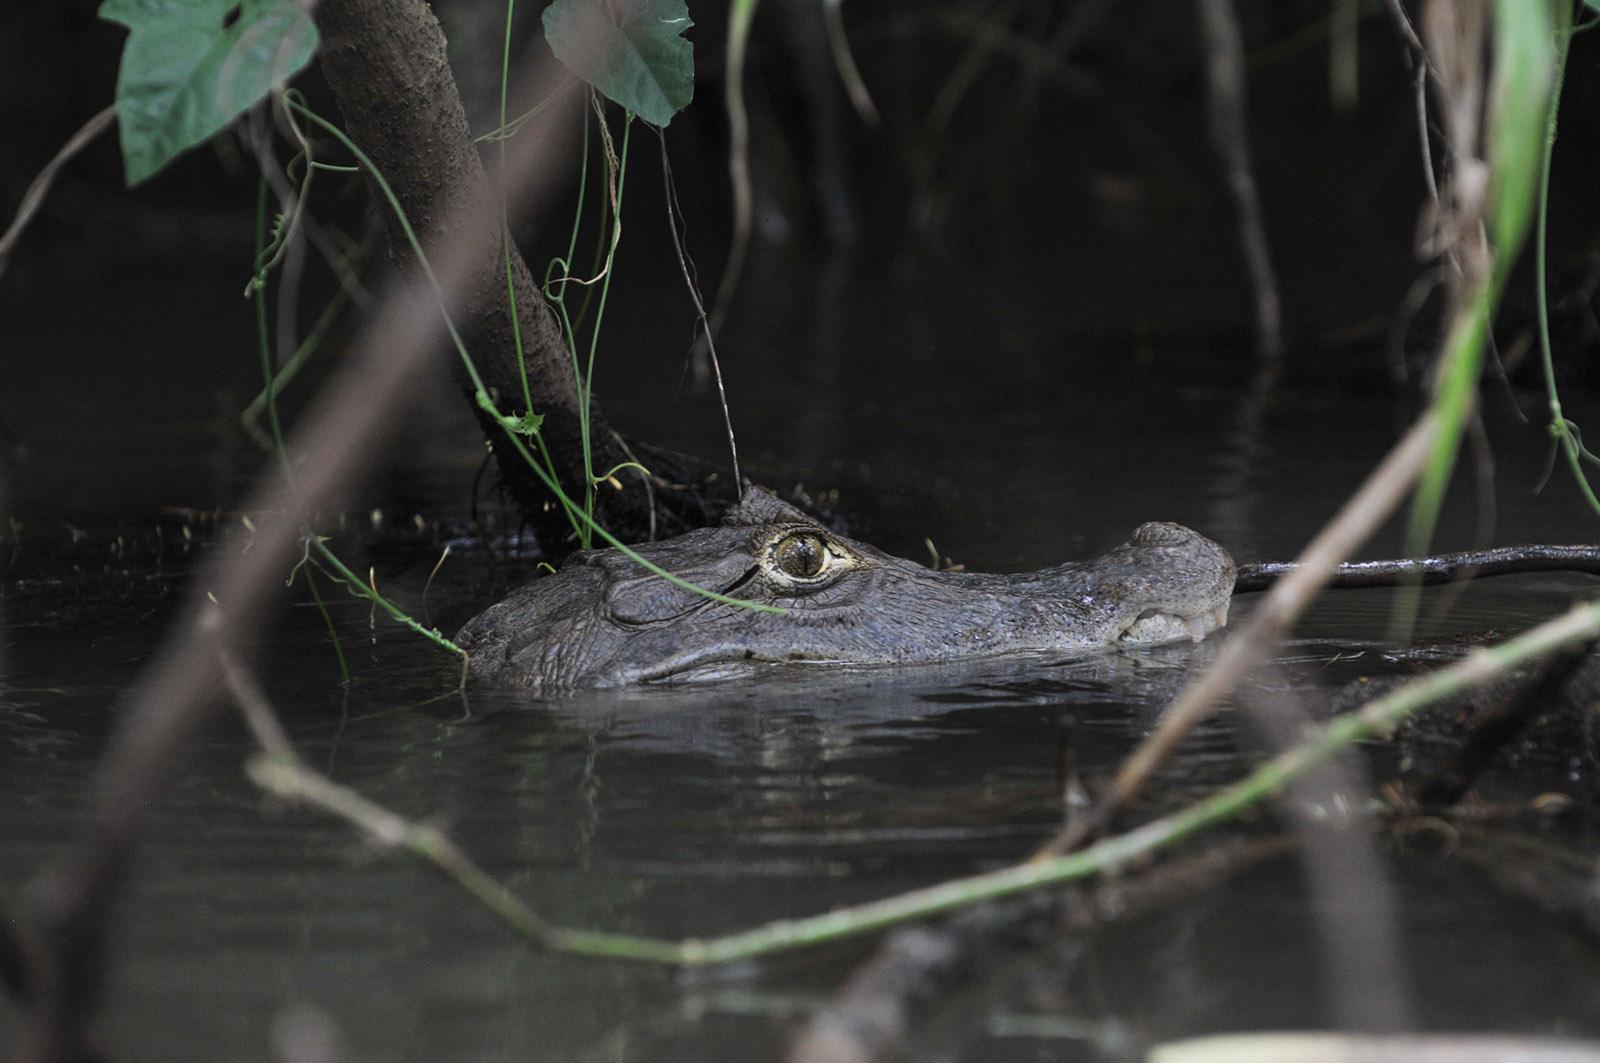 foto van de kop van een alligator met zijn kop half onder water